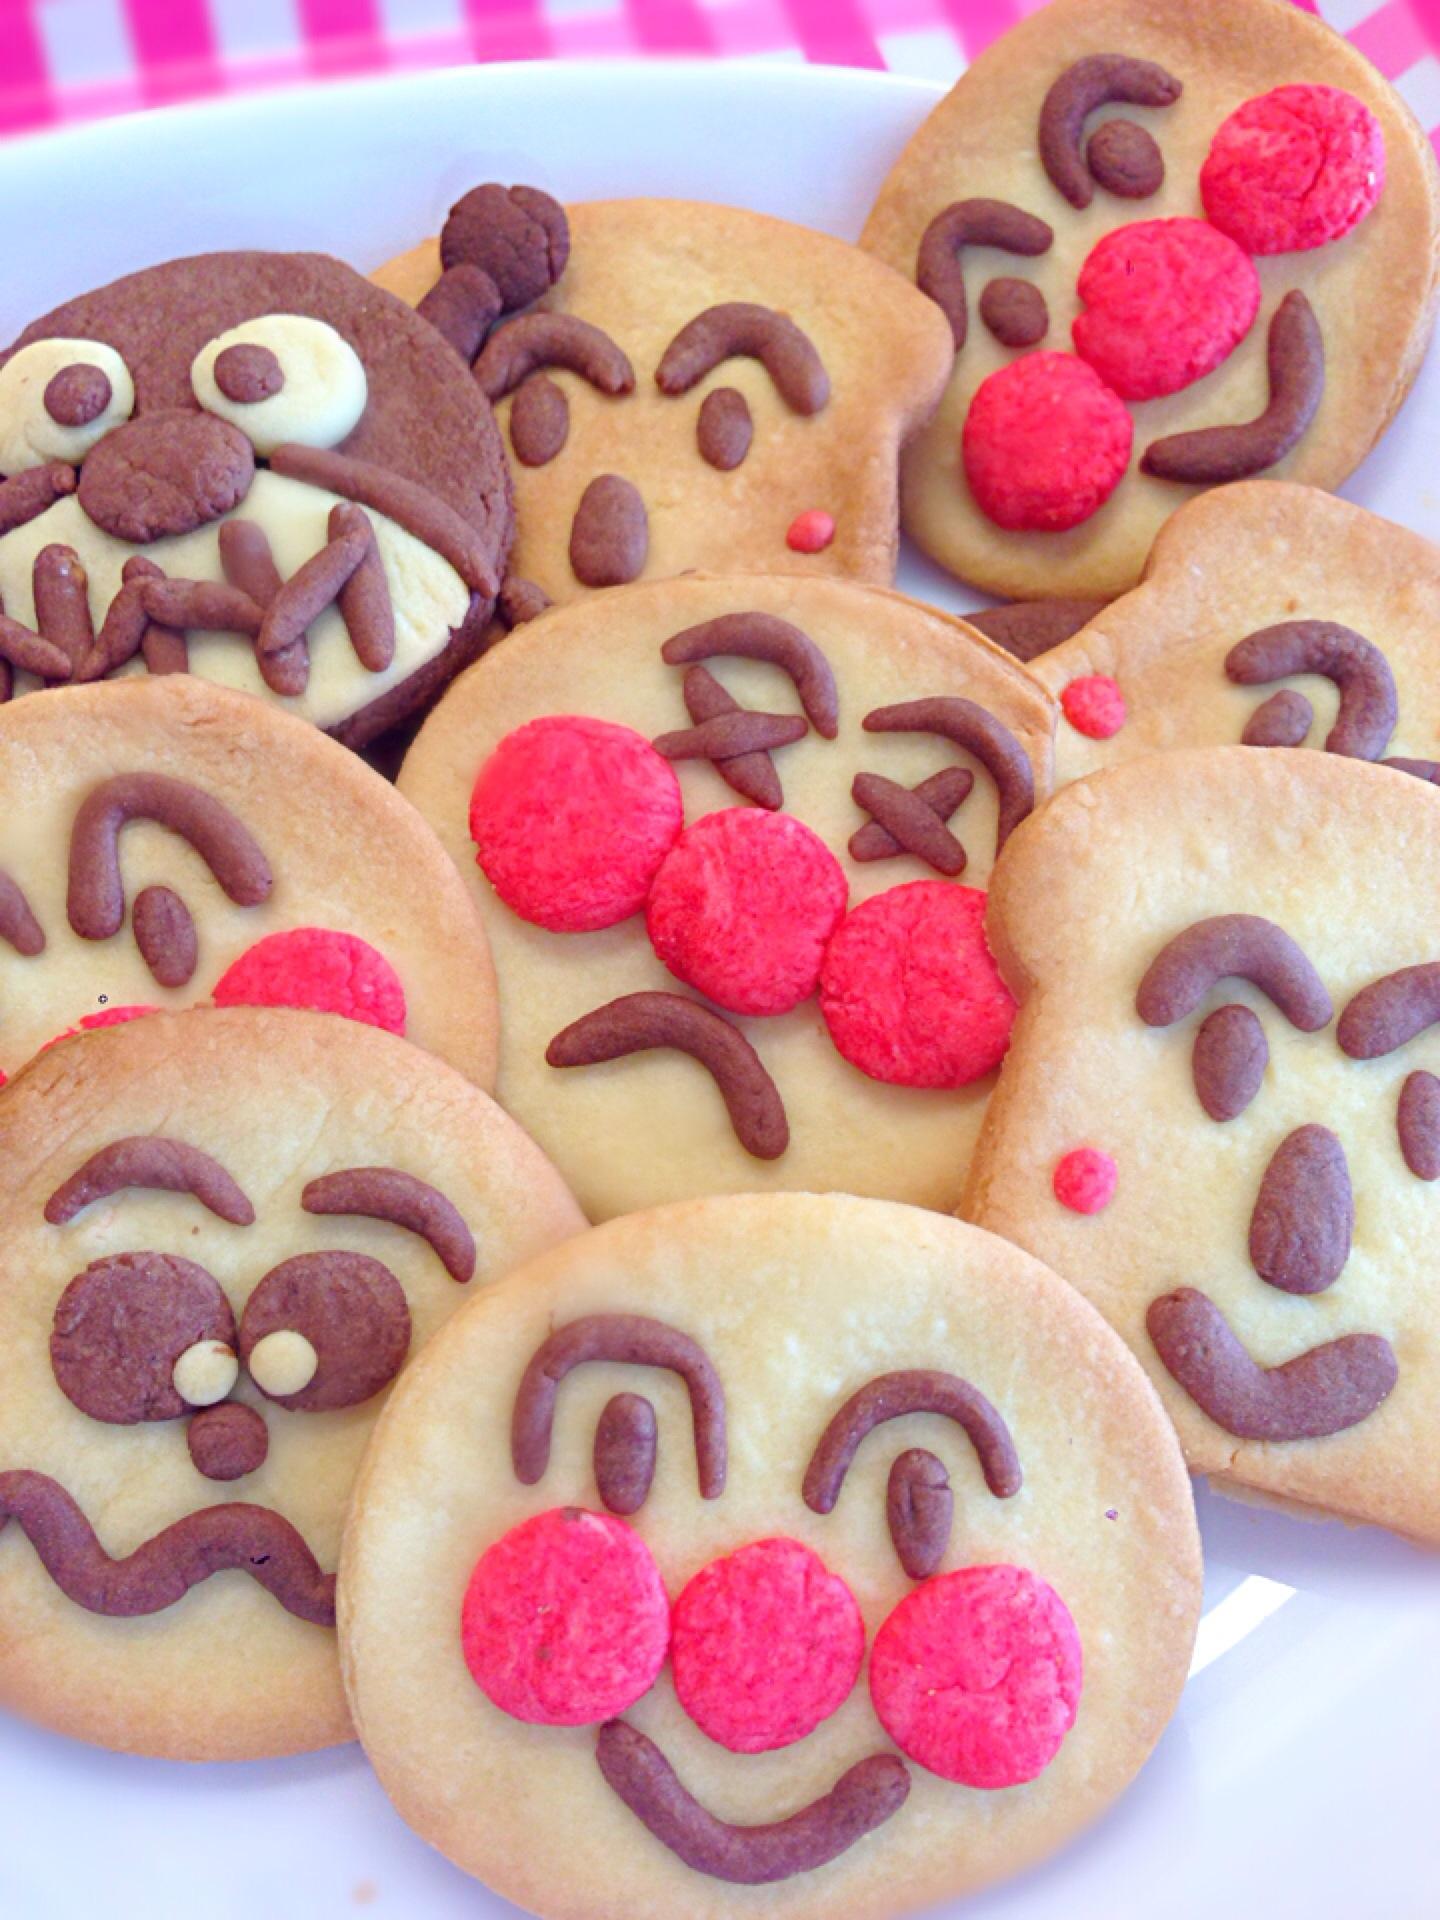 アンパンマンのかわいいお菓子10選!プレゼントやお出かけにおすすめ